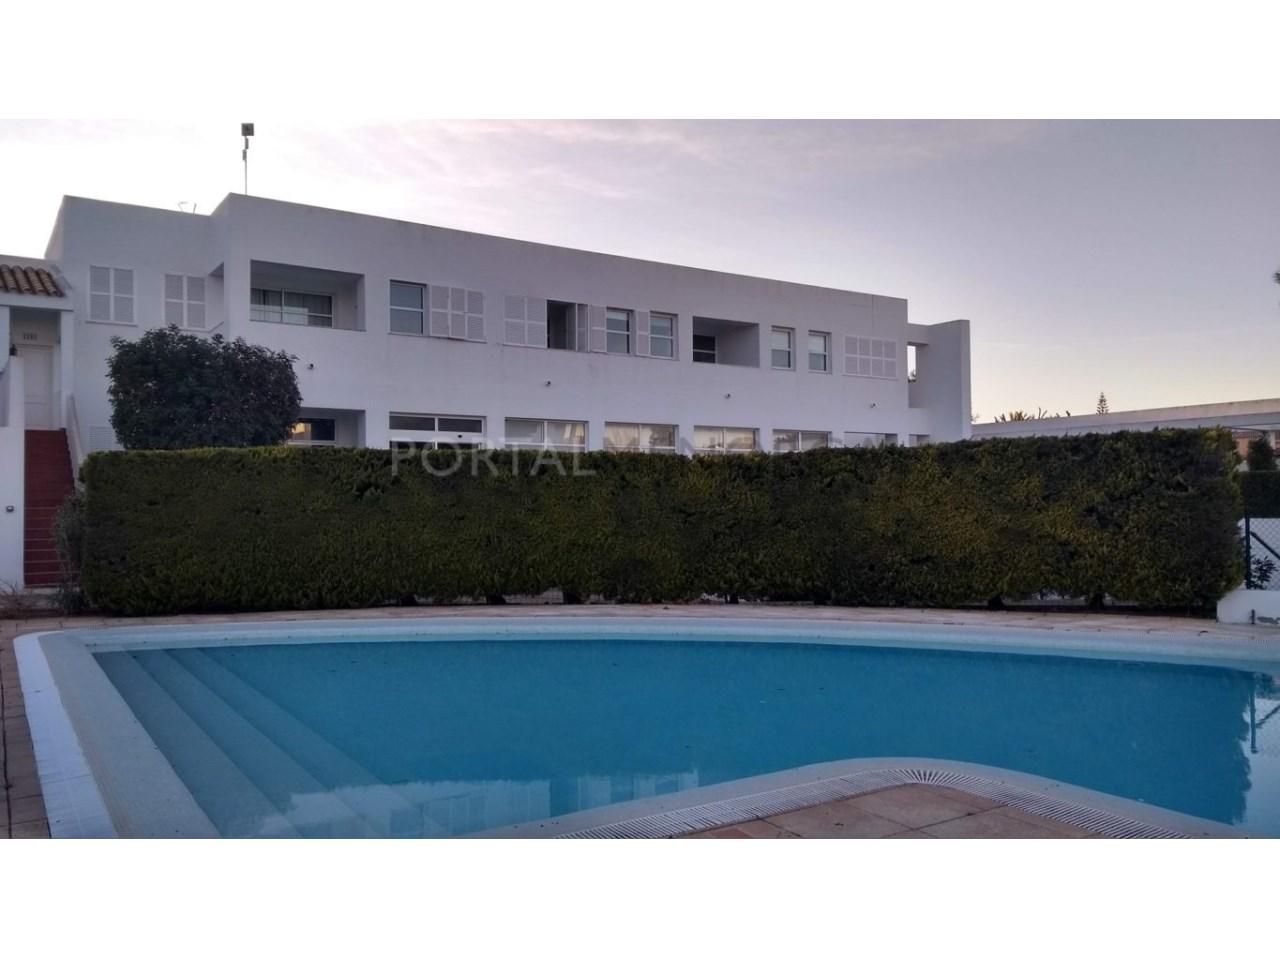 apartamento en venta en Son Xoriguer con piscina comunitaria